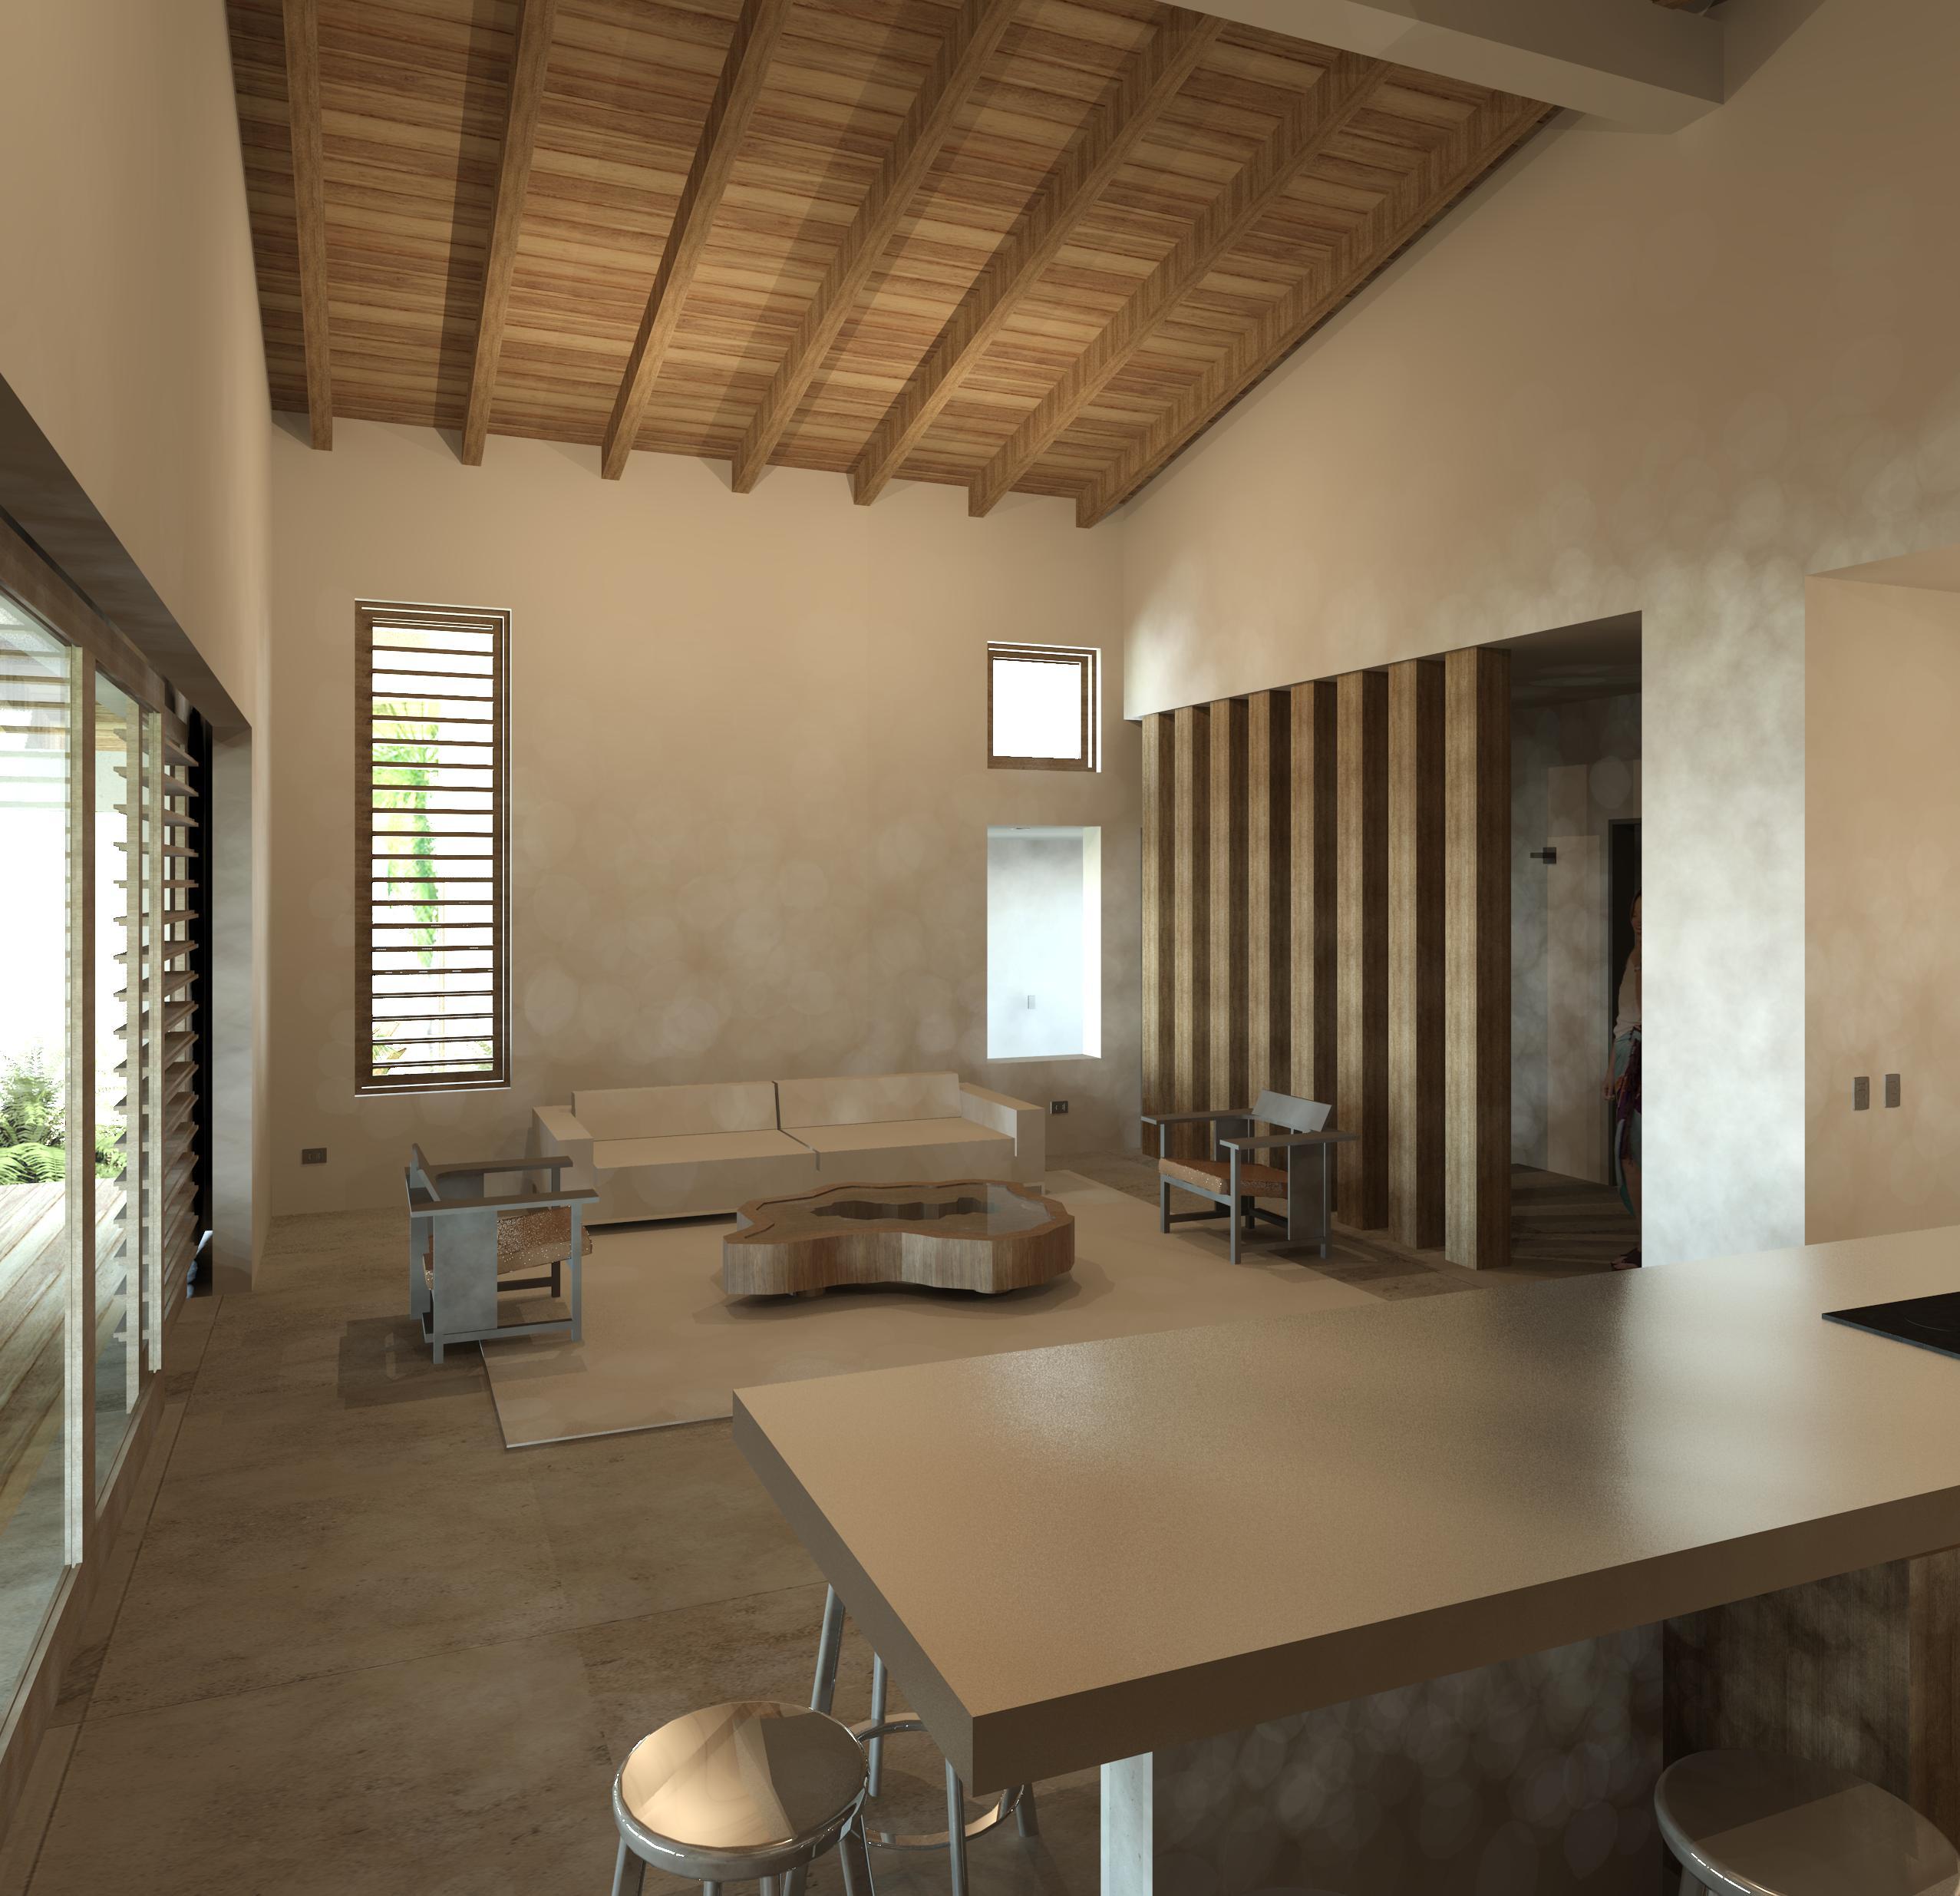 pers-cozinha3-4